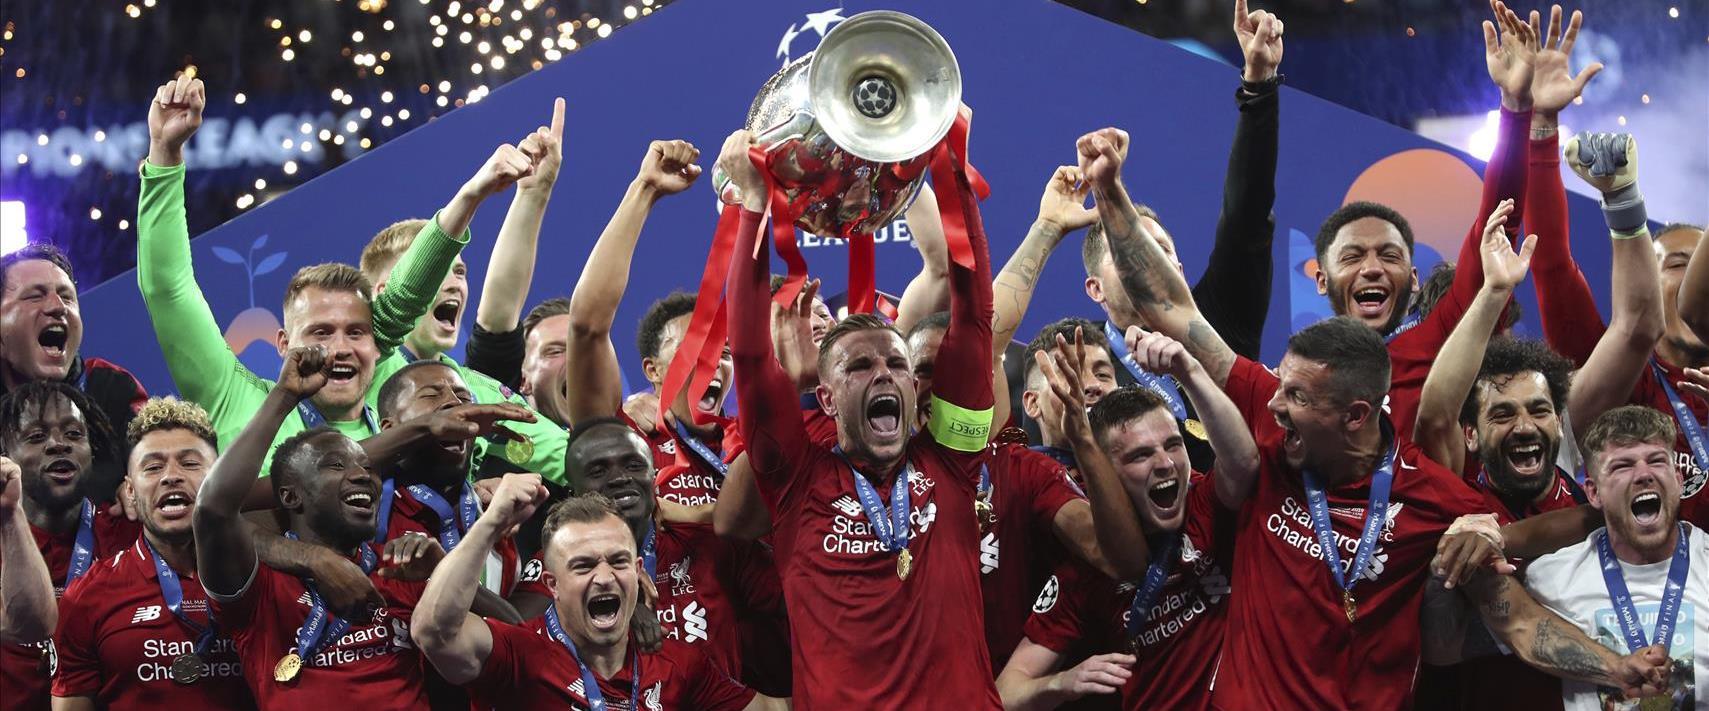 ליוורפול מנצחת בליגת האלופות, ב-2019